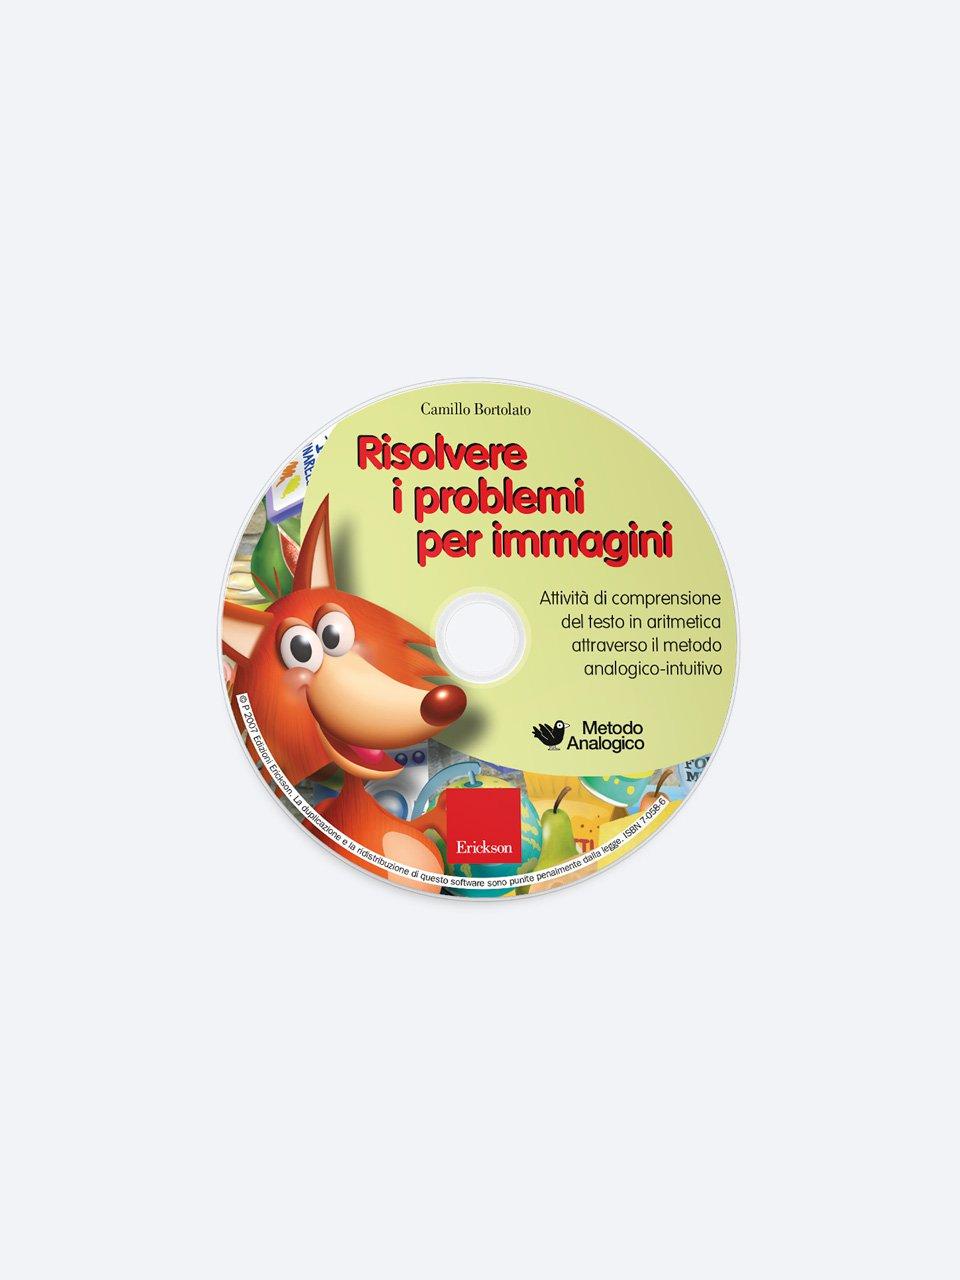 Risolvere i problemi per immagini - Disfaproblemi - Libri - Erickson